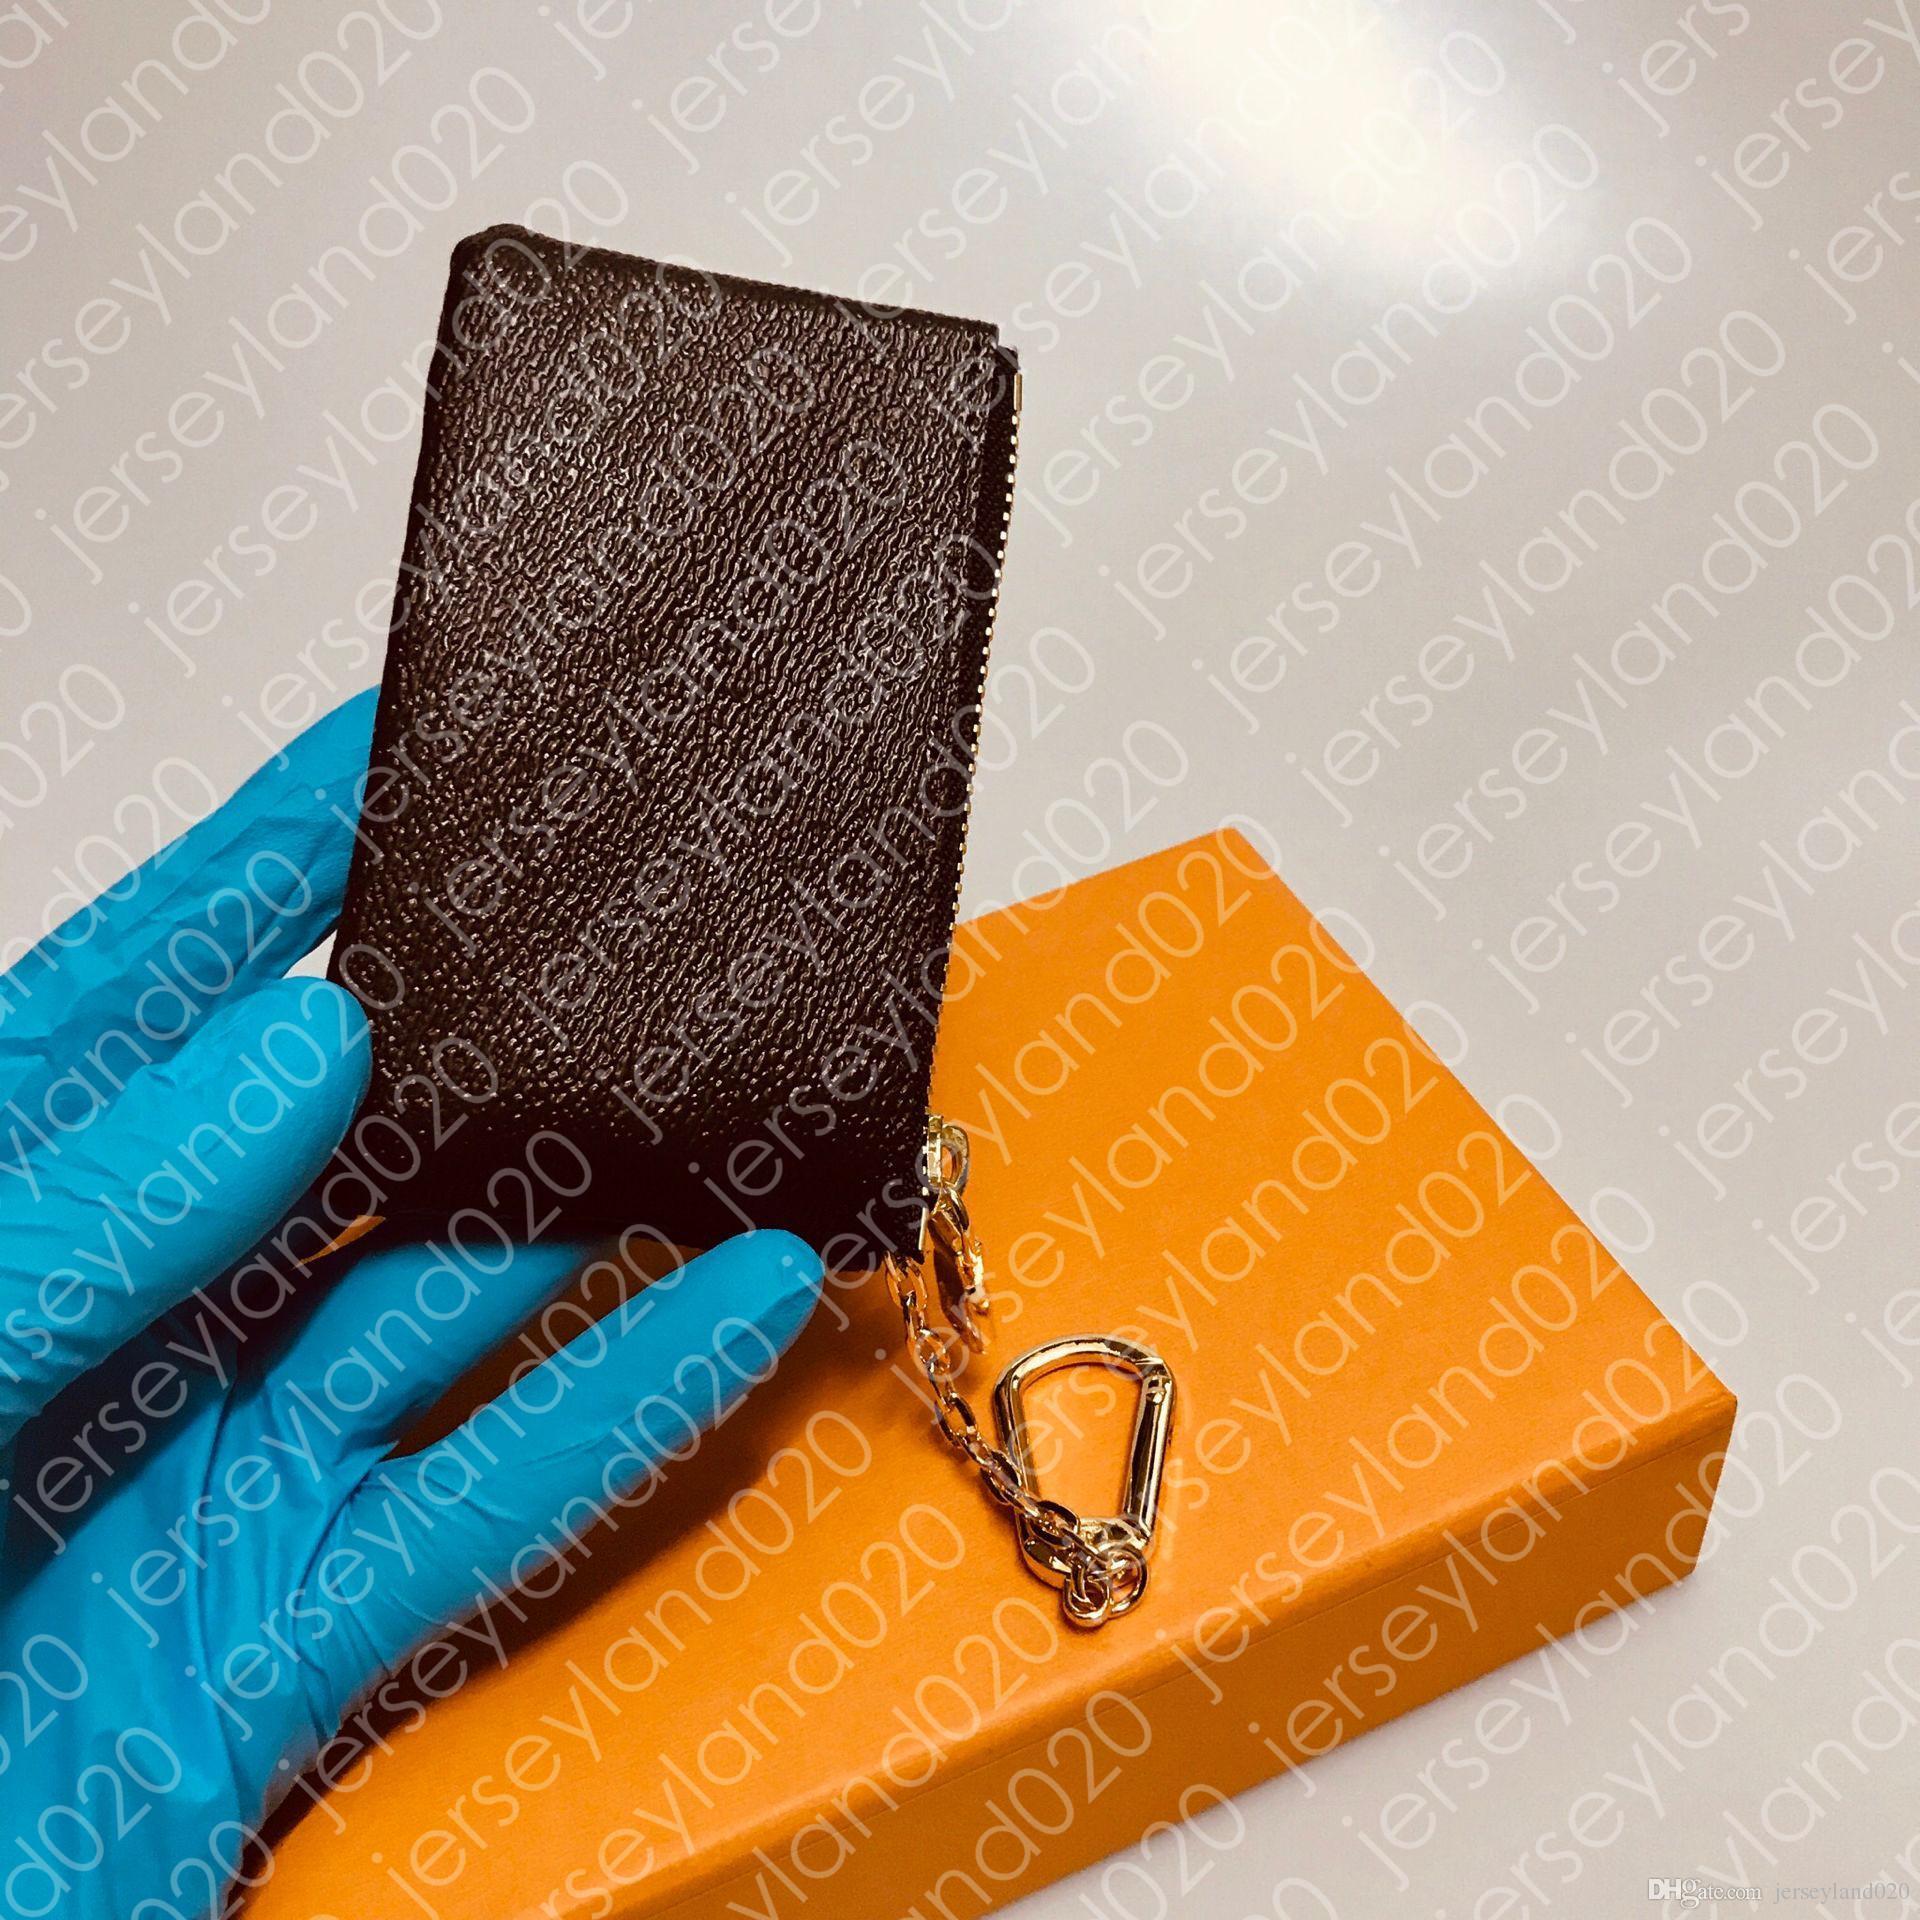 مفتاح الحقيبة M62650 POCHETTE CLES مصمم أزياء المرأة رجل حلقة رئيسية حامل بطاقة الائتمان عملة محفظة فاخرة محفظة حقيبة سحر البني قماش